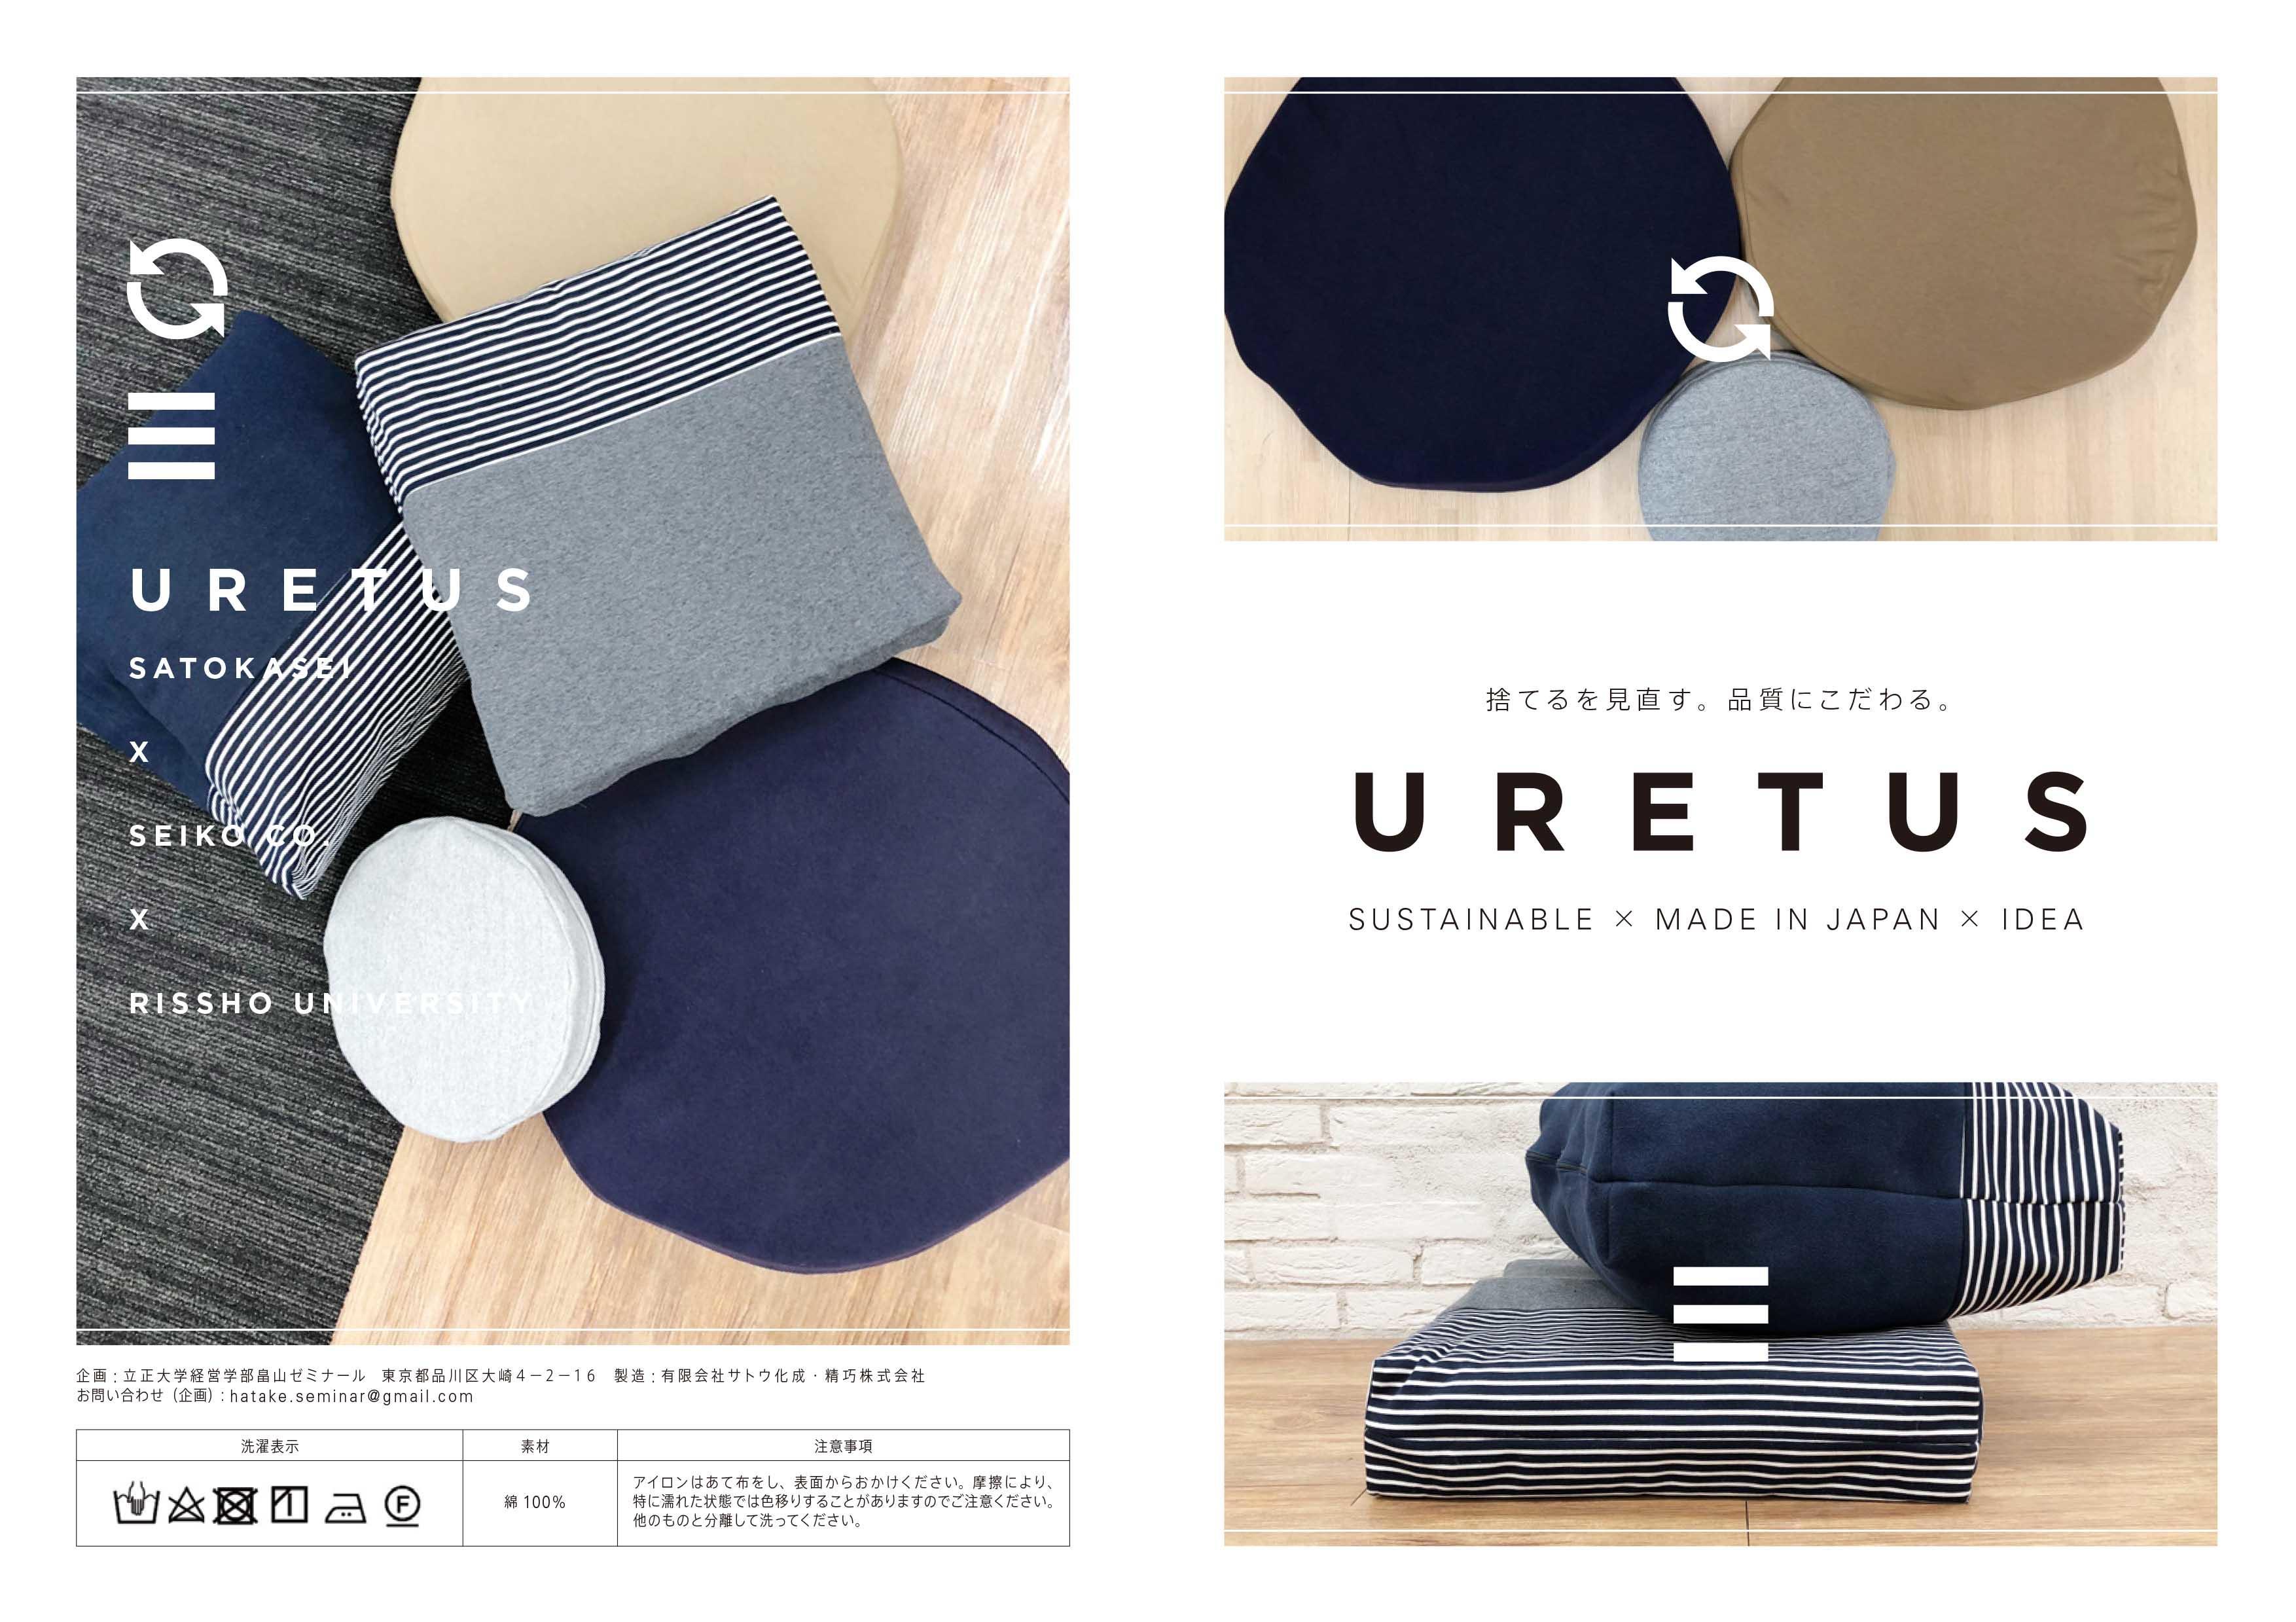 学生がファクトリー・ブランド「IKIJI」を展開する企業と産学連携で開発したクッション&カバー「URETUS」を東京ソラマチで販売。